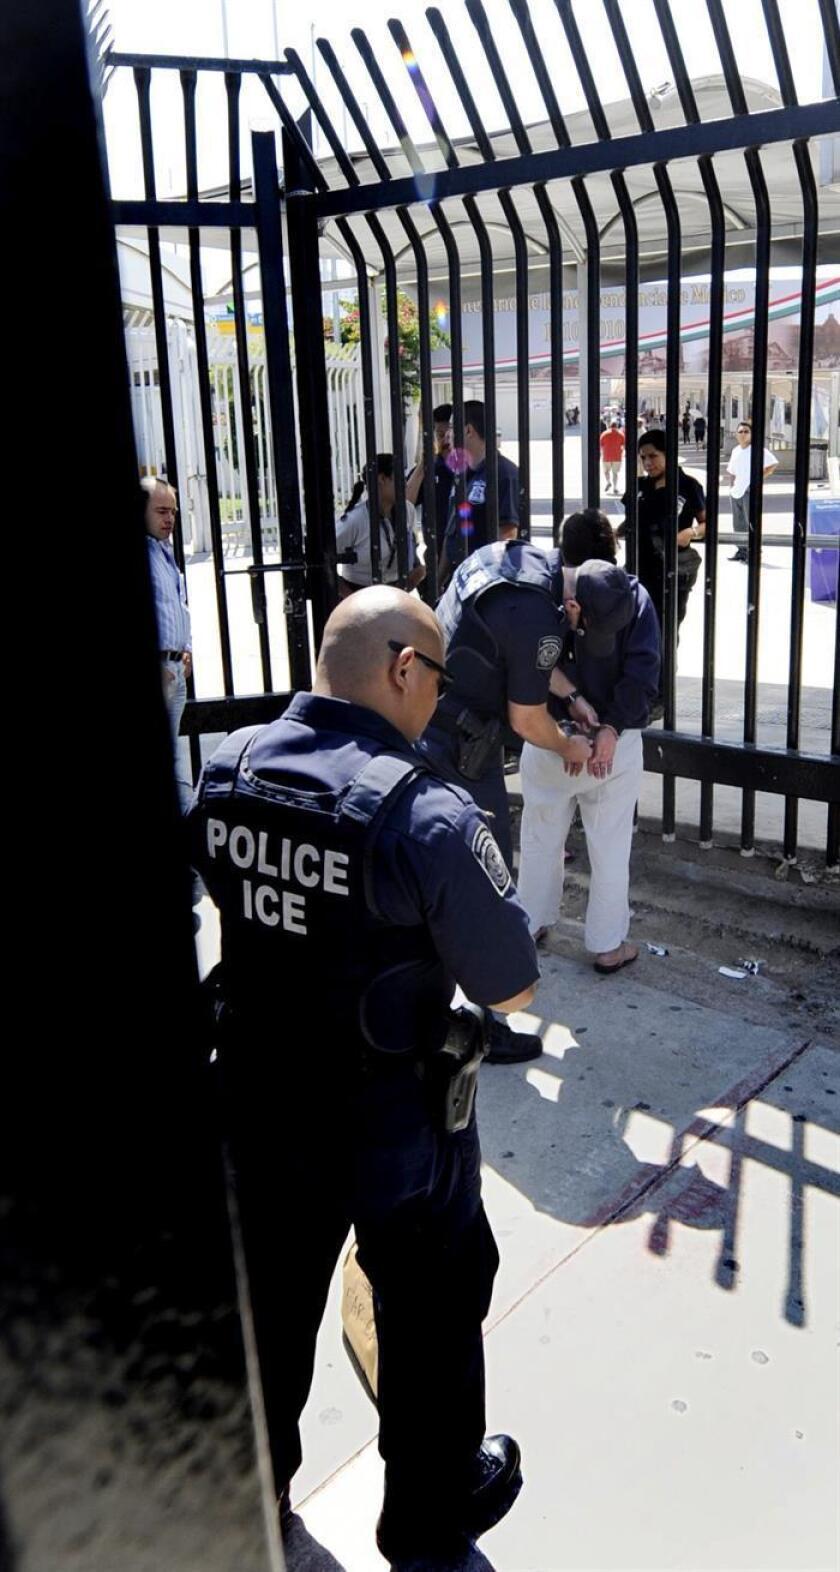 """Una activista del estado de Washington, que con frecuencia ha protestado por las condiciones en los centros de detención en California, recibió una citación de las autoridades de inmigración que ella califica de """"represalia"""" por su activismo. EFE/ARCHIVO"""